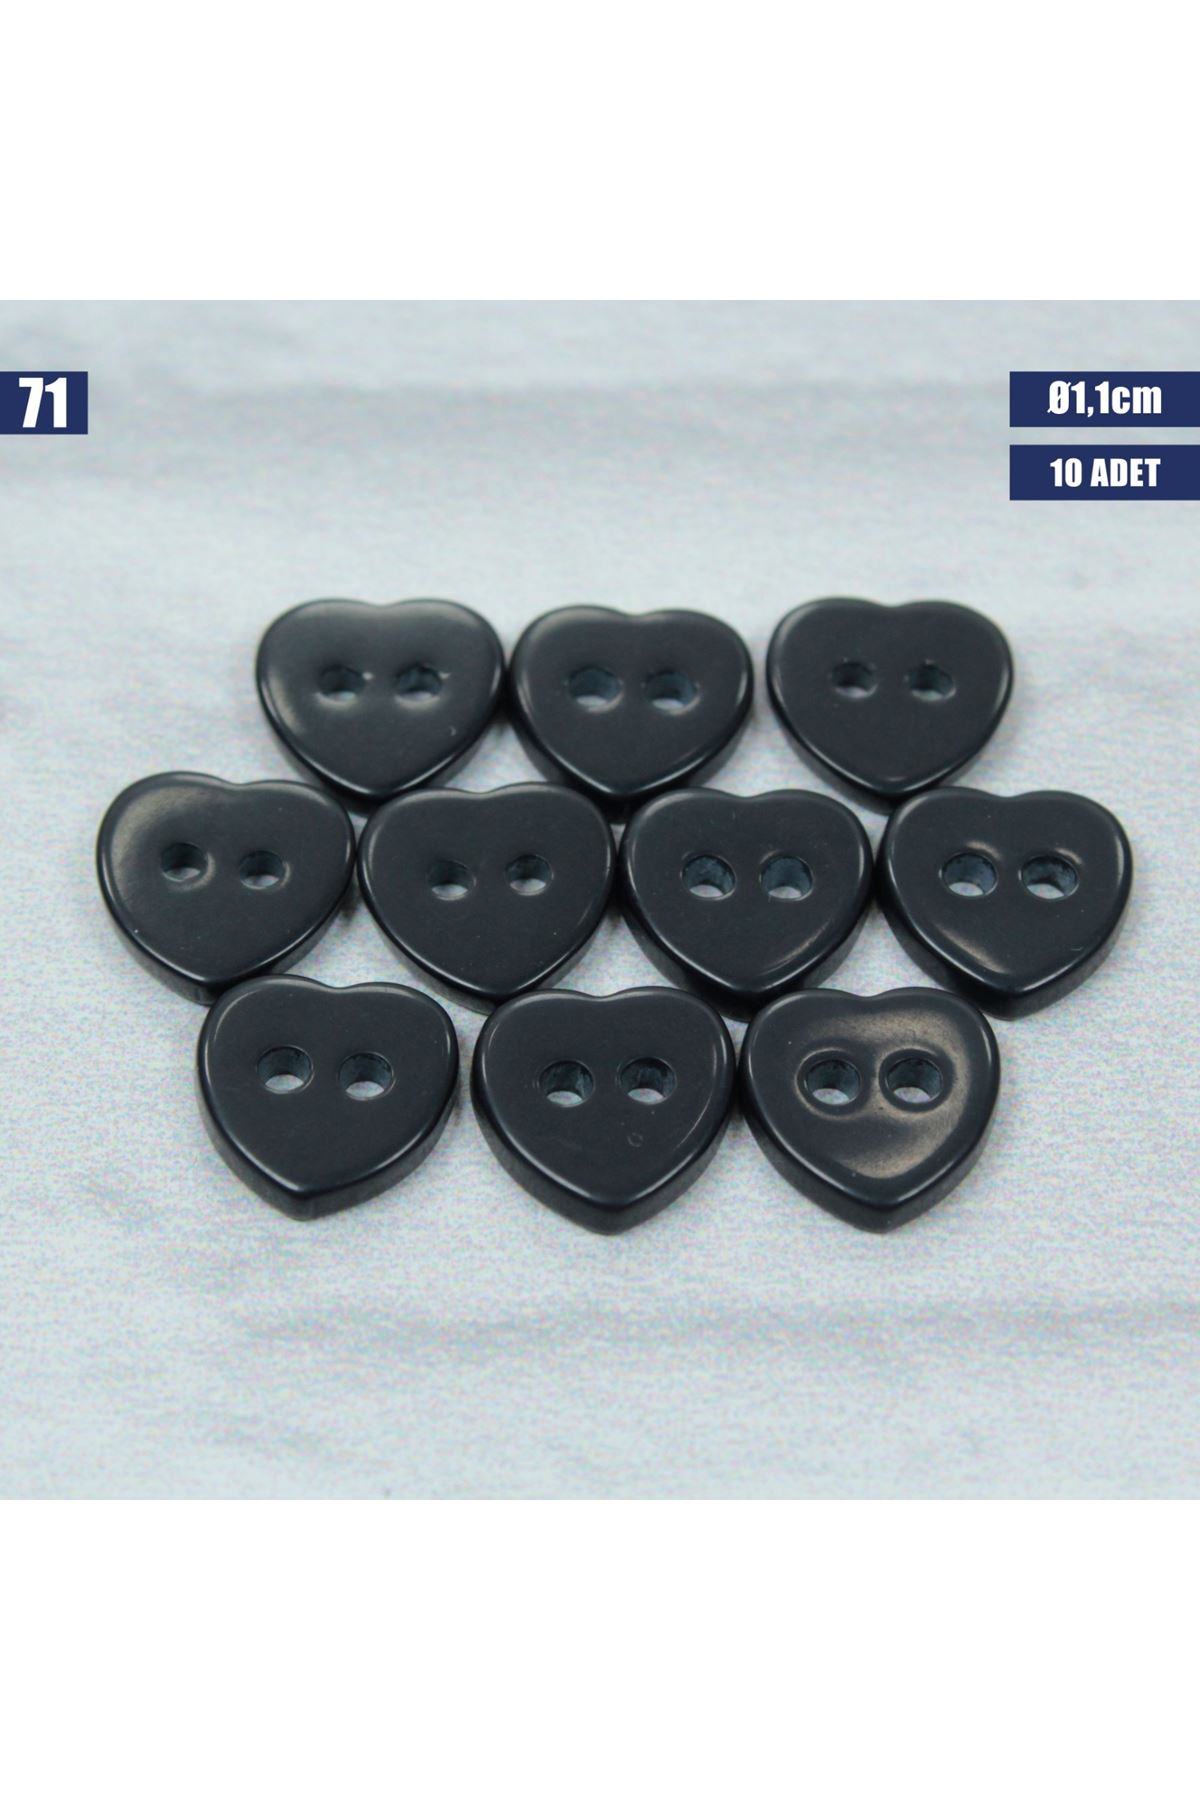 Amigurumi Düğmesi Ø 1,1cm - 71